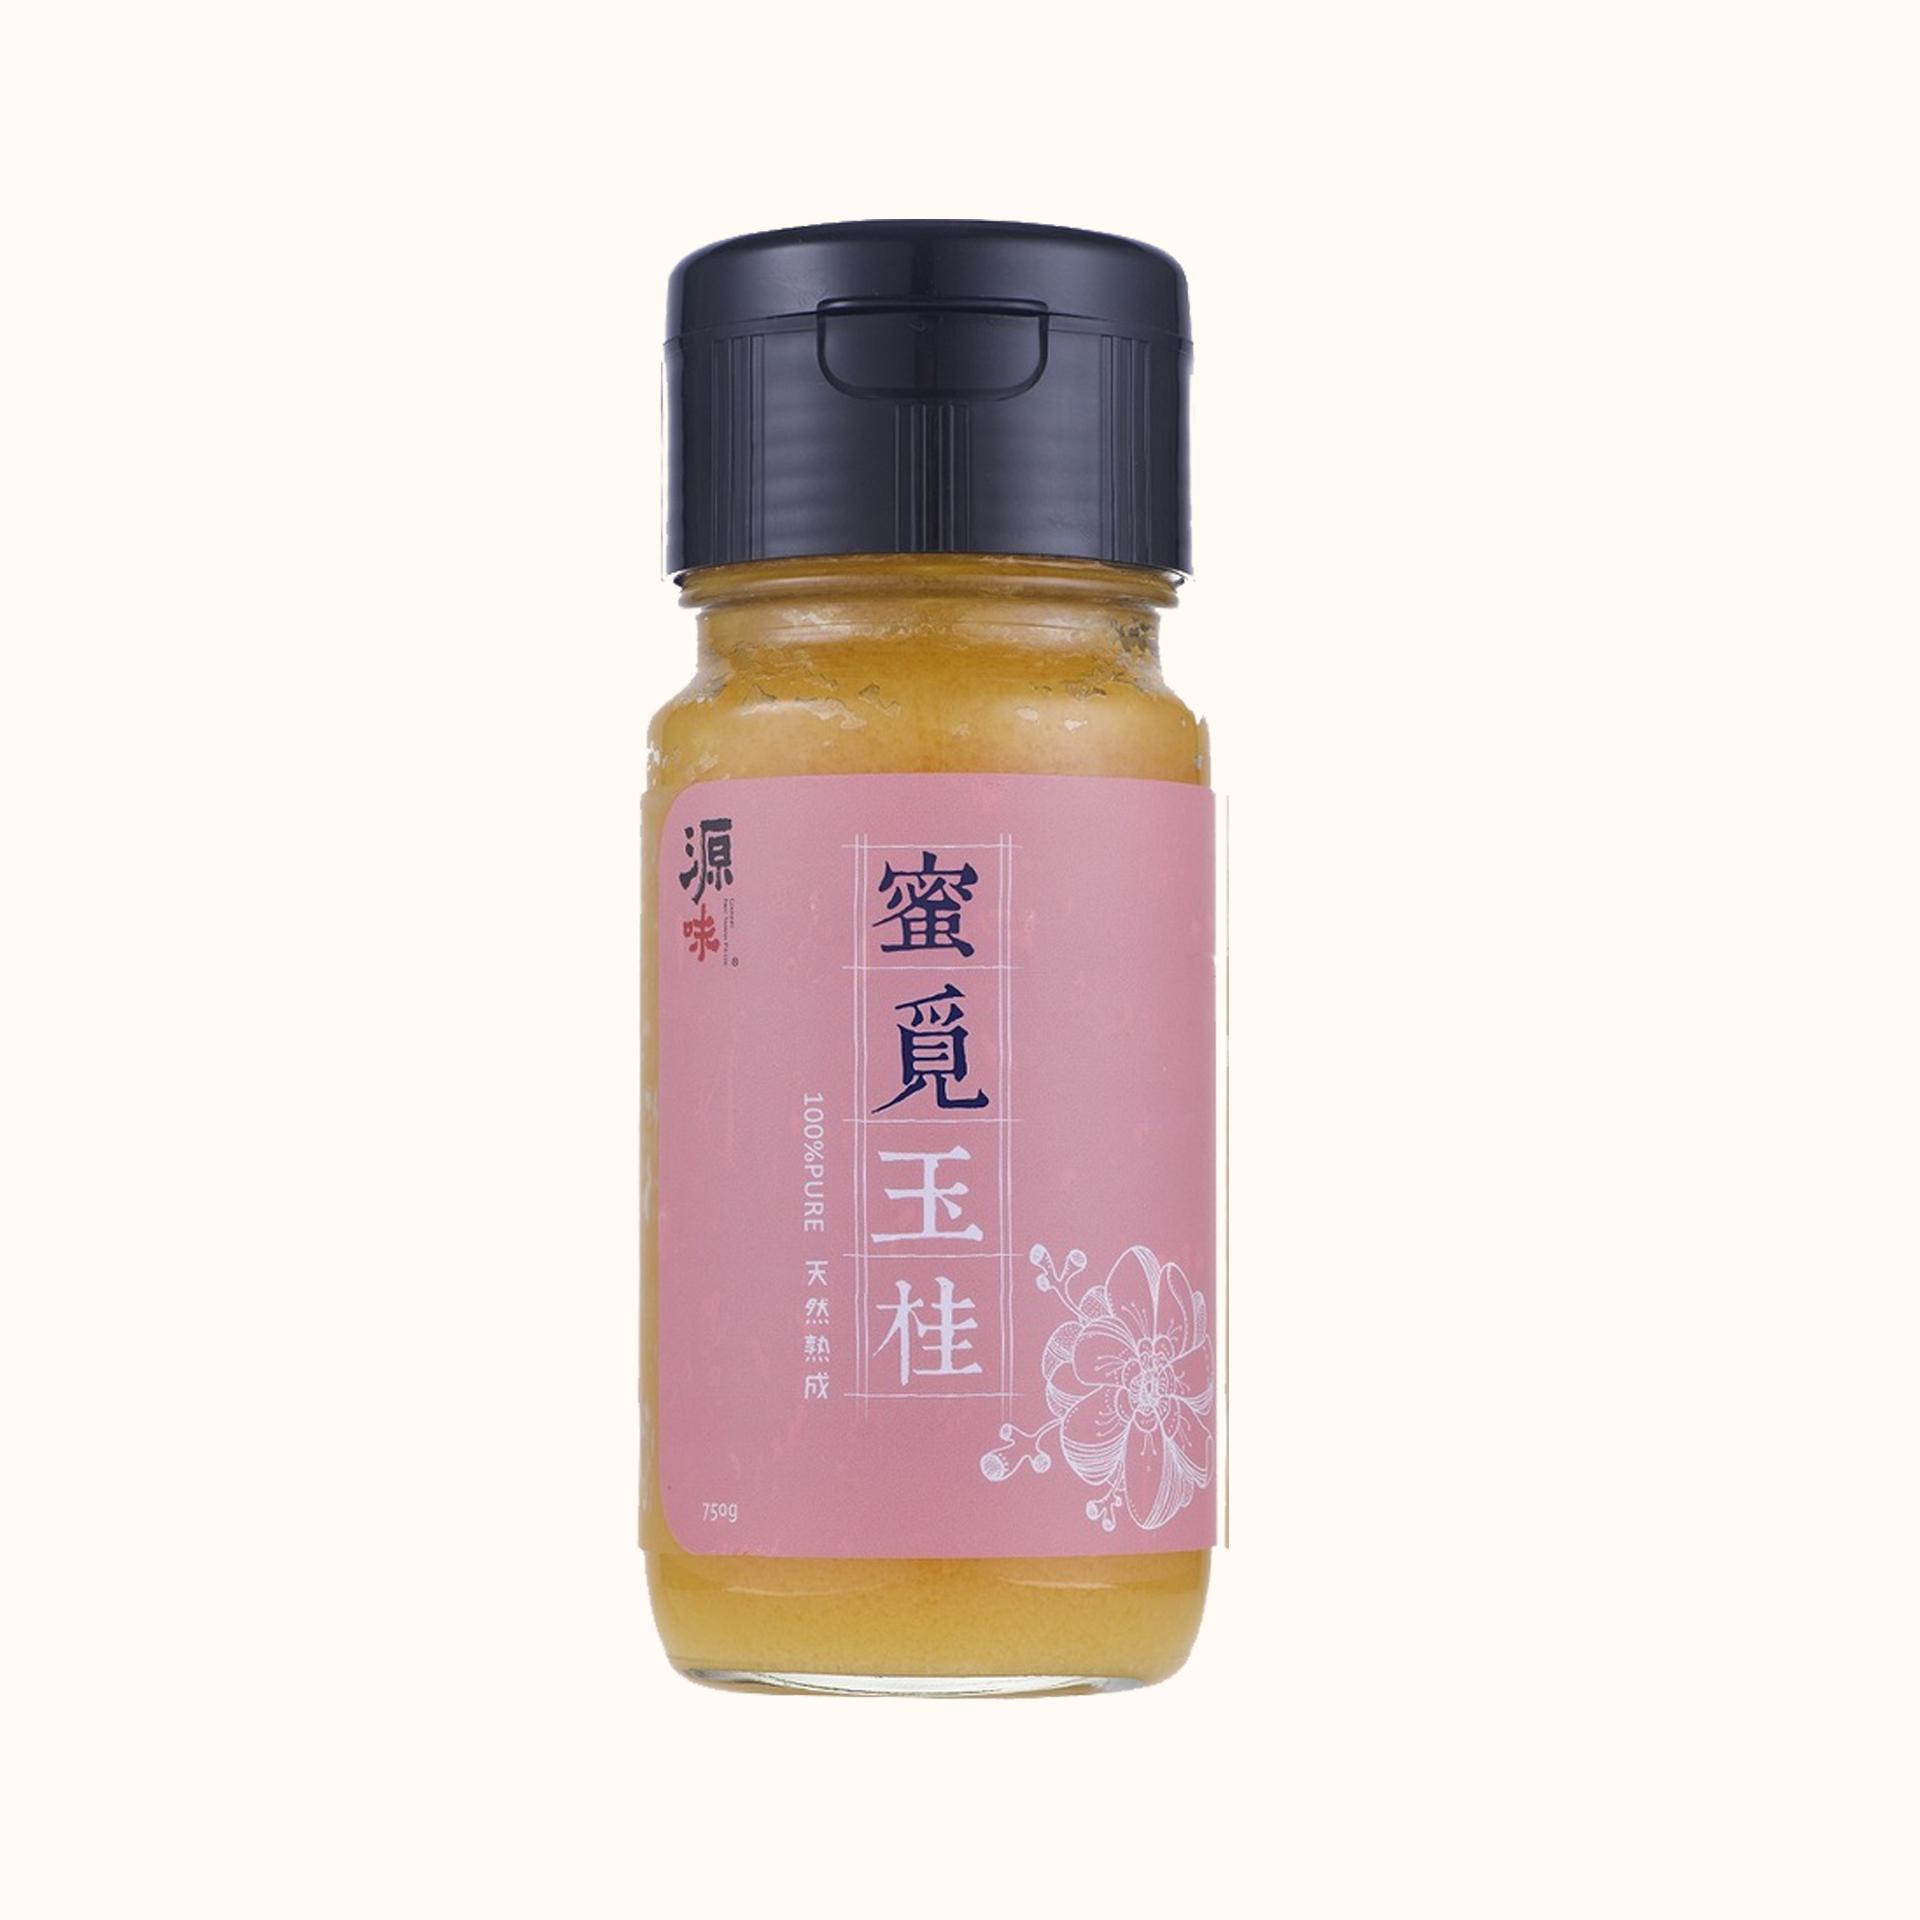 【短效品】蜜覓玉桂蜂蜜750g(效期:20180227-20210226)